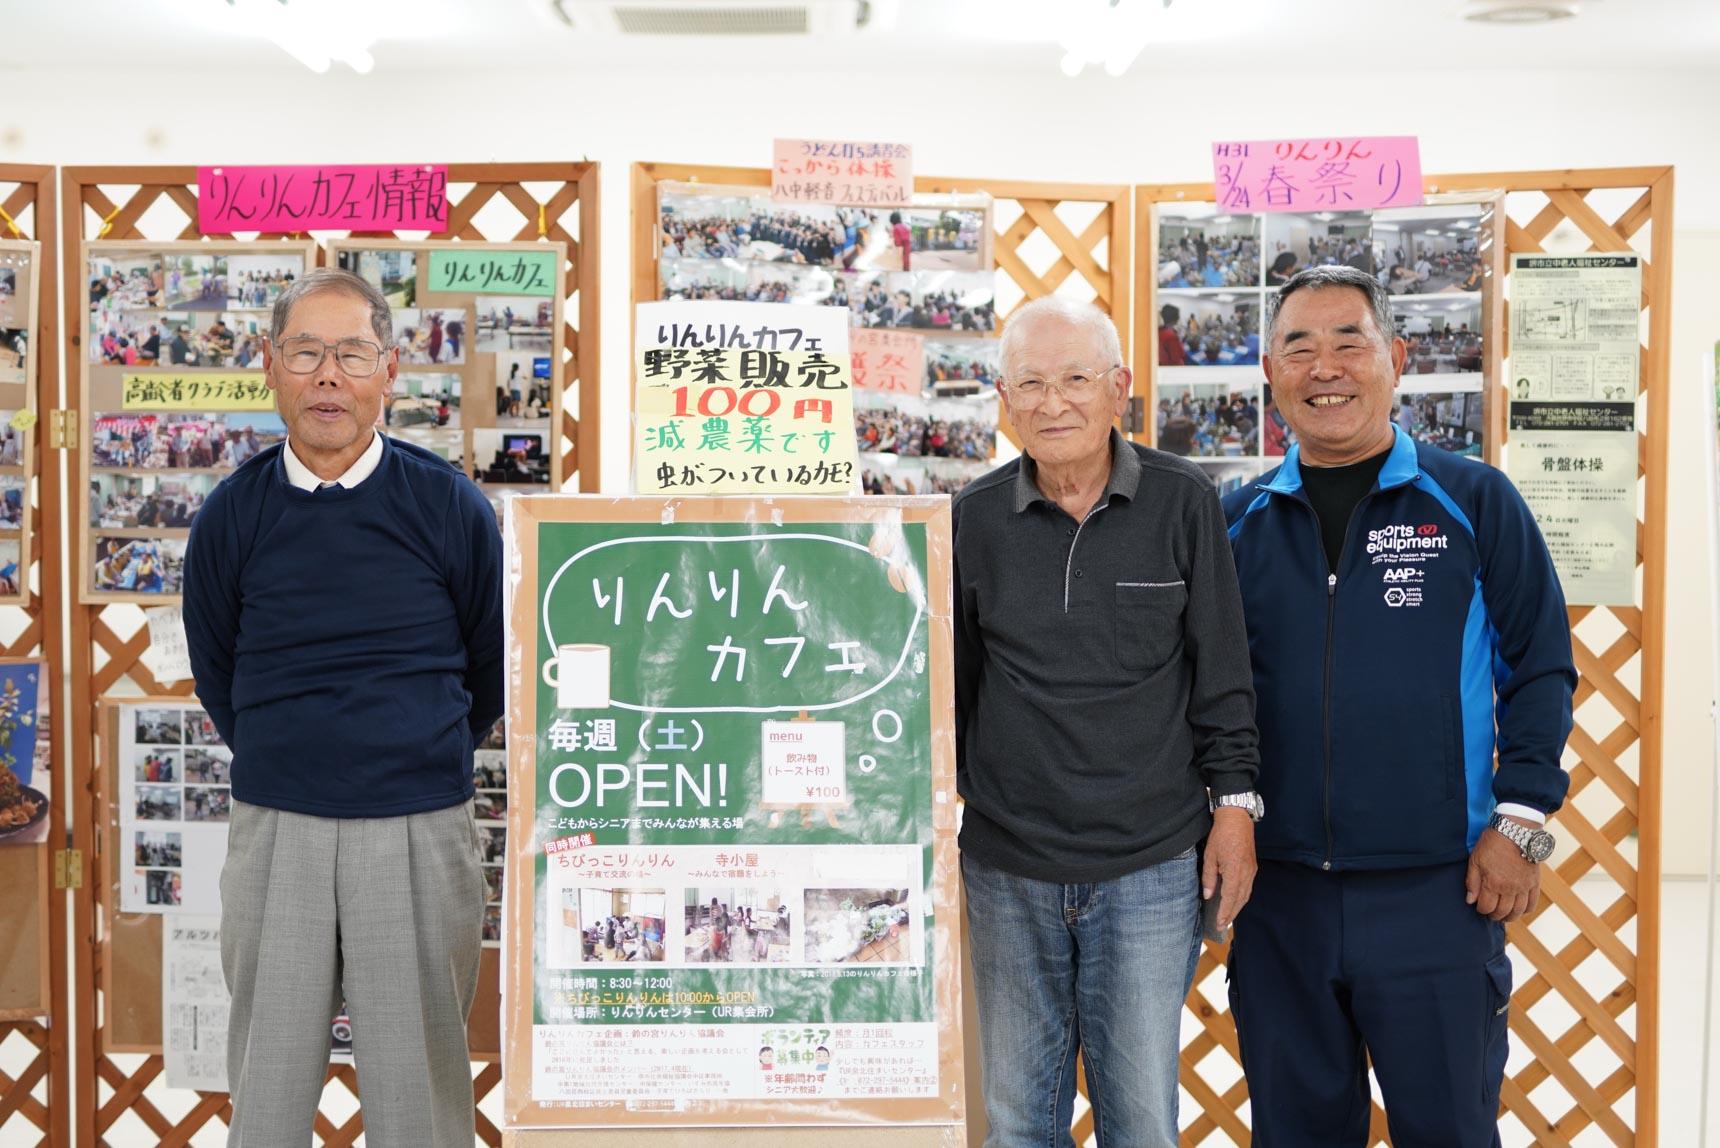 迎えてくださったのは、写真左から老人会副会長の辻さん、会長の寺田さん、民生委員の福原さん。